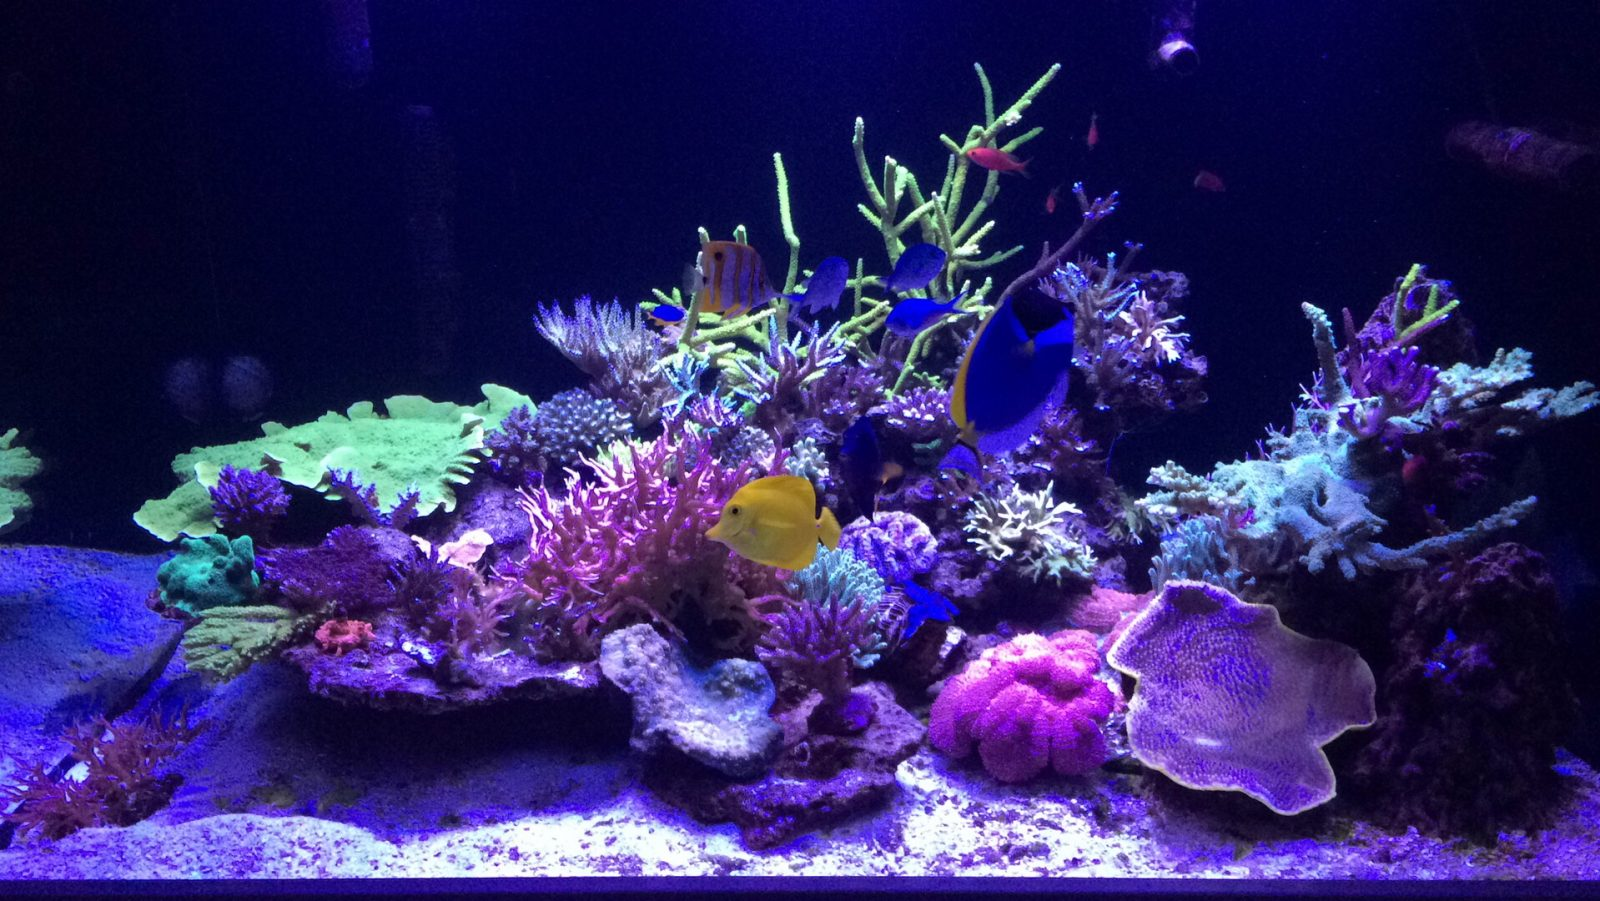 incroyable corail pop meilleur éclairage